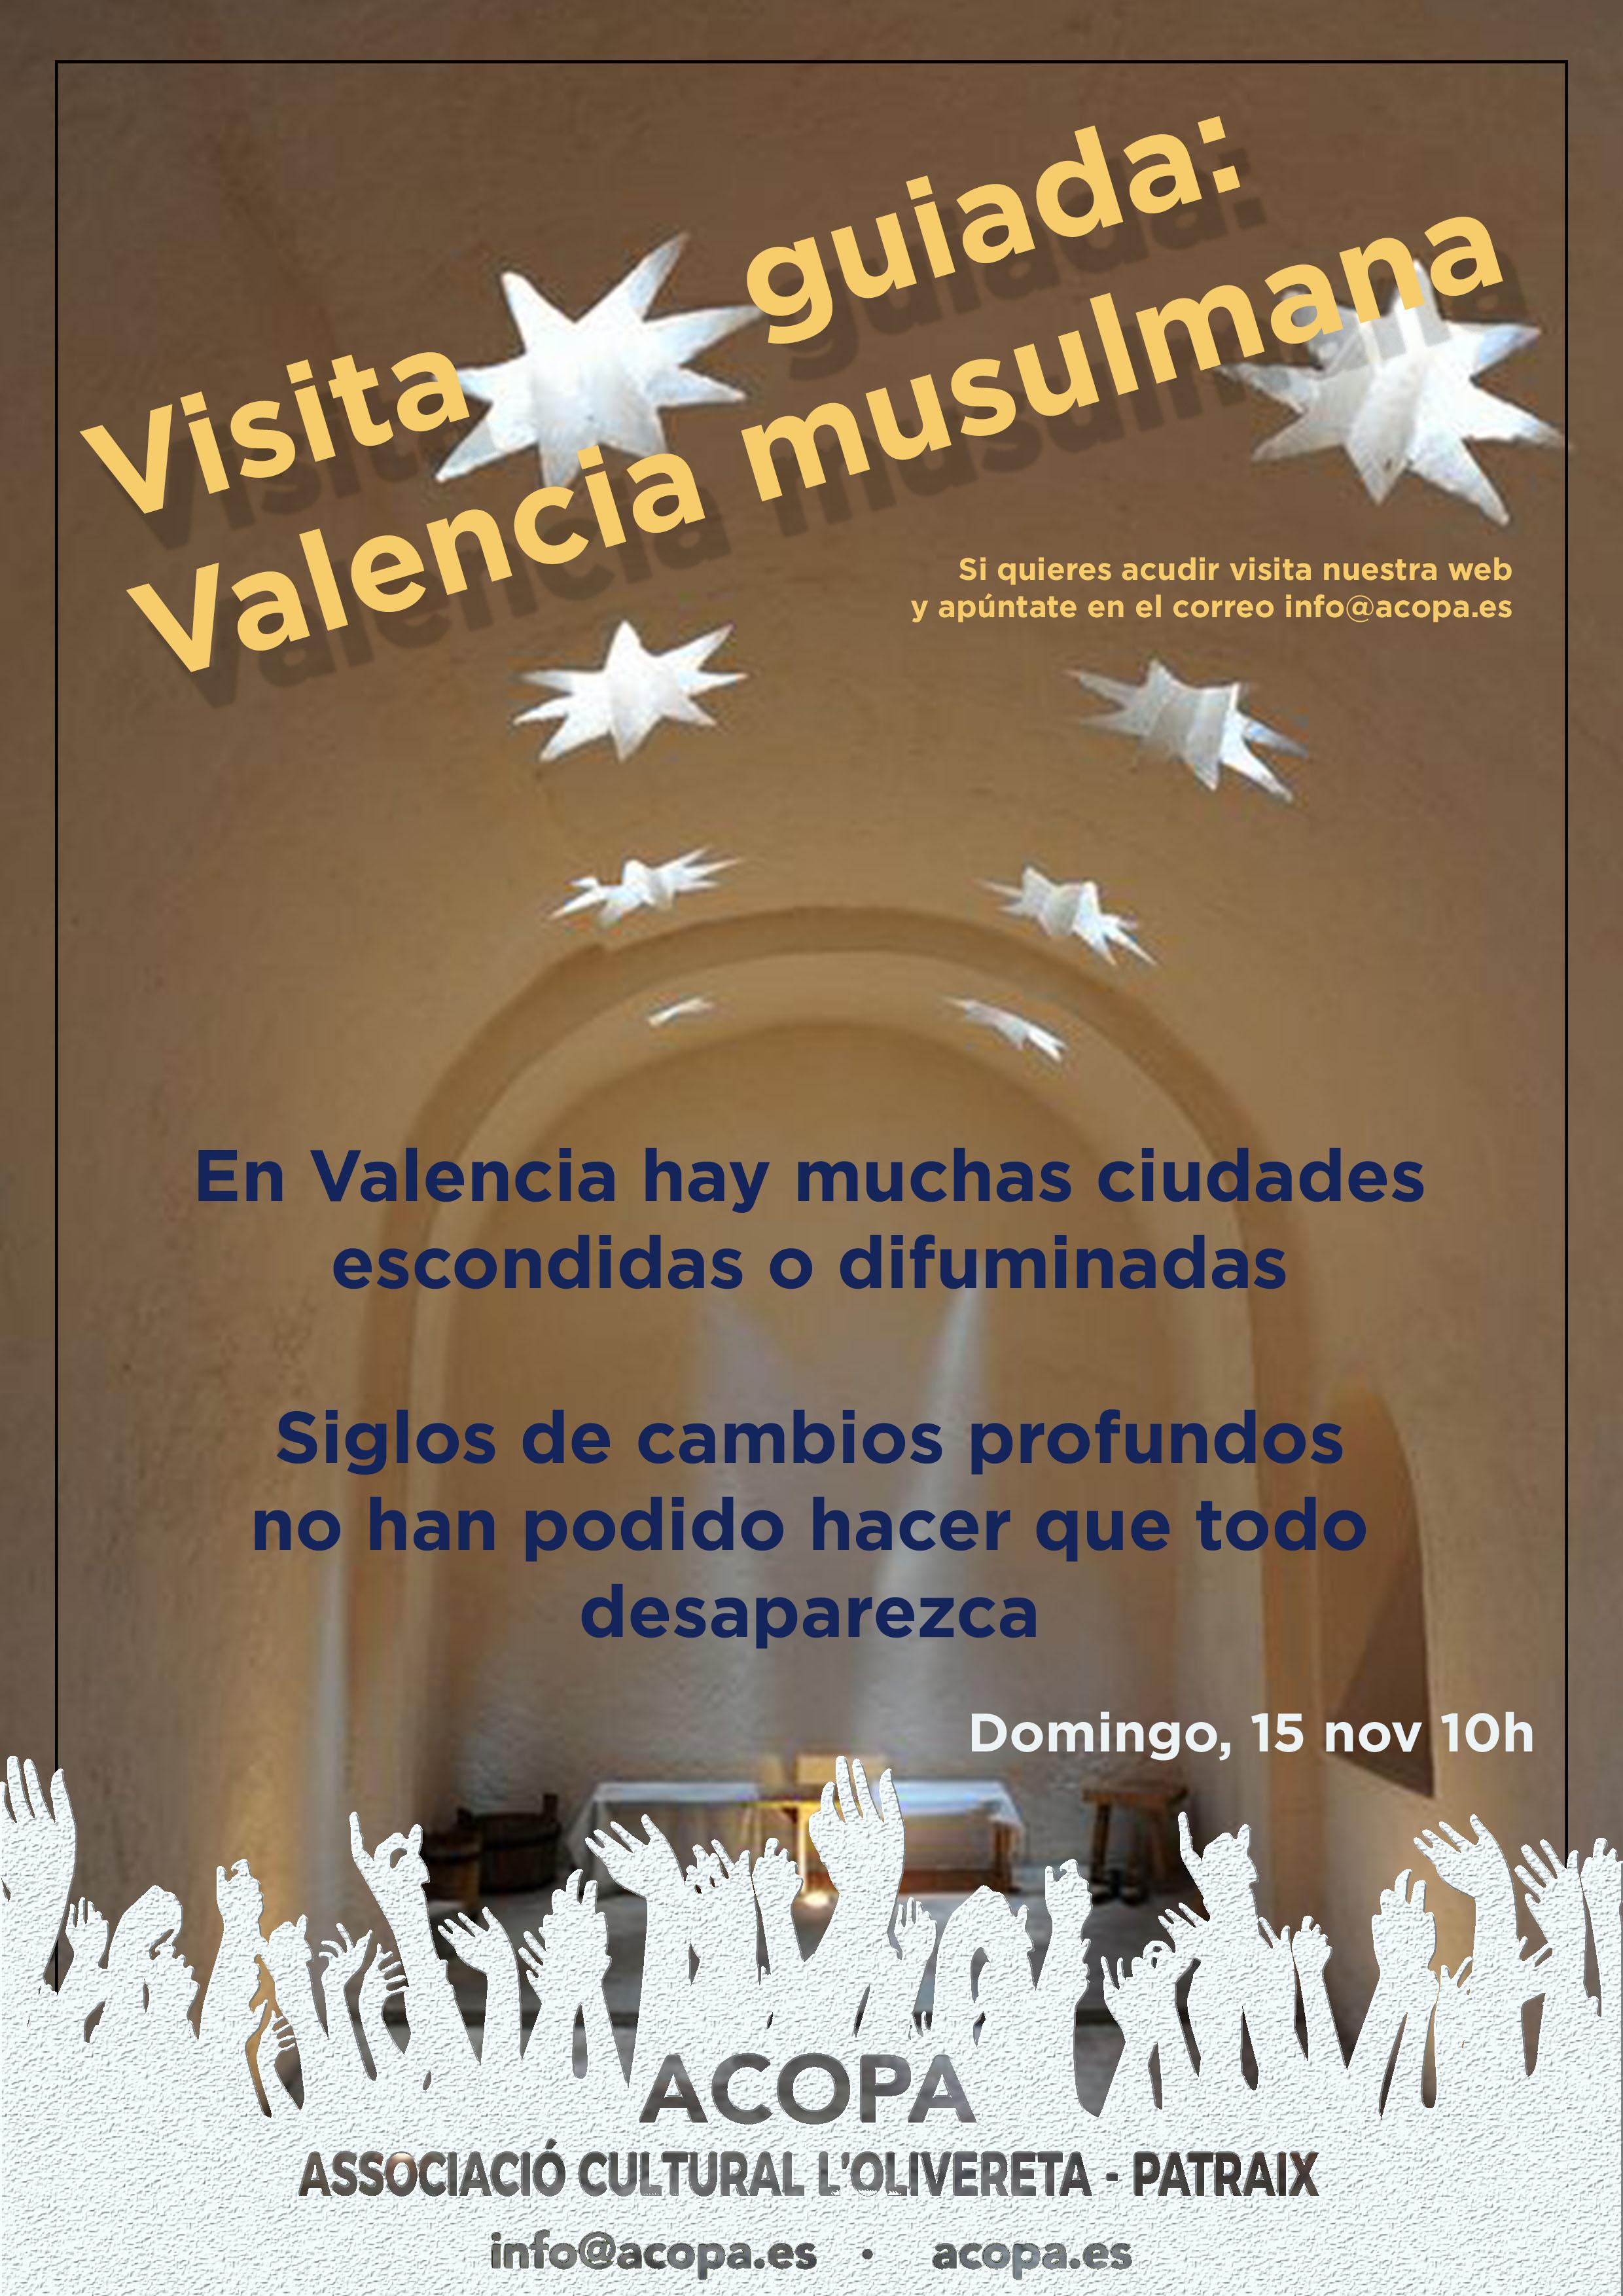 Visita guiada a la Valencia musulmana. Condiciones en esta misma página. Domingo 15 de noviembre a las 10 horas.